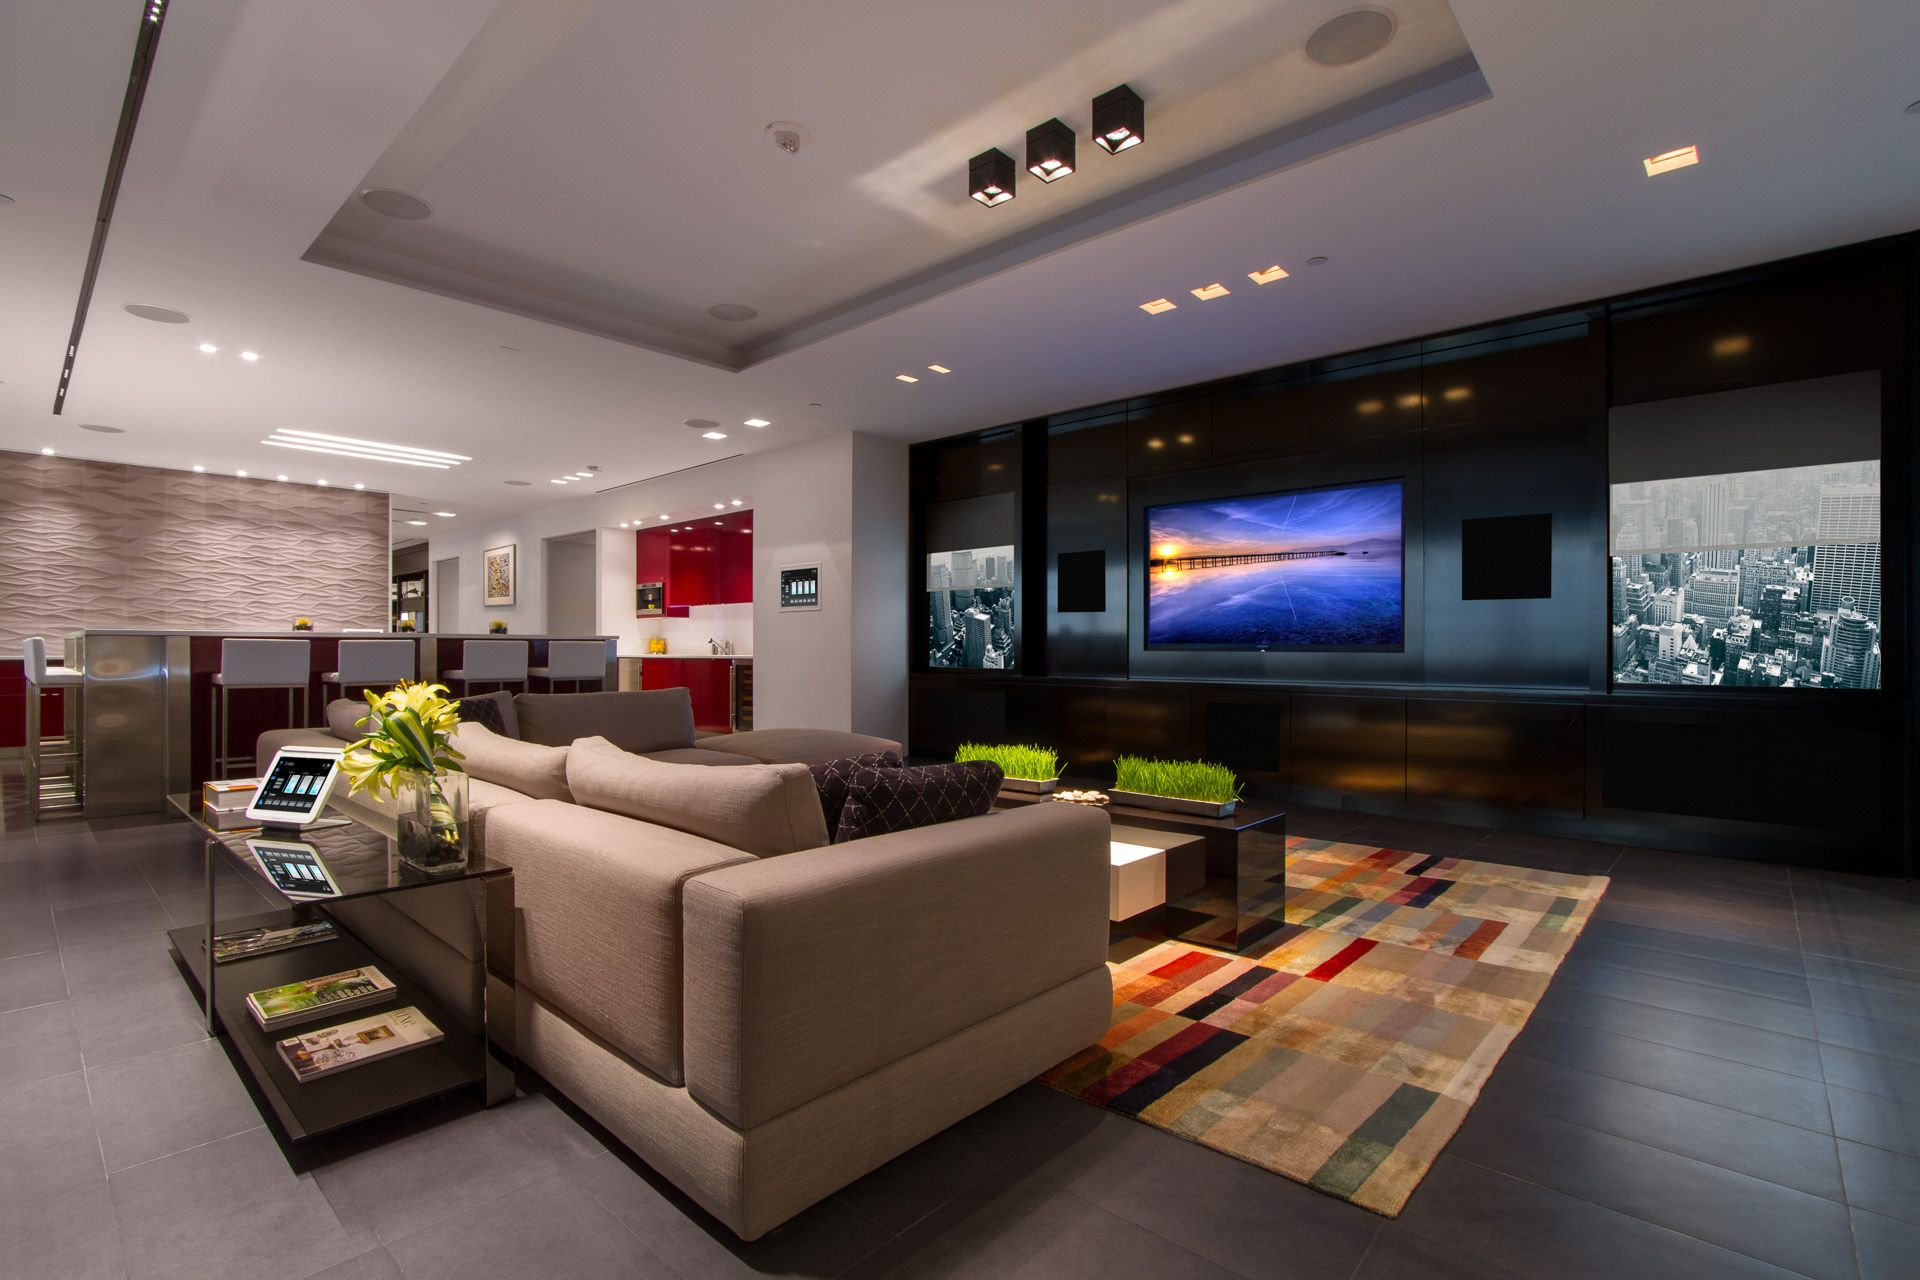 Умный дом в квартире функционал системы и опции Ваши